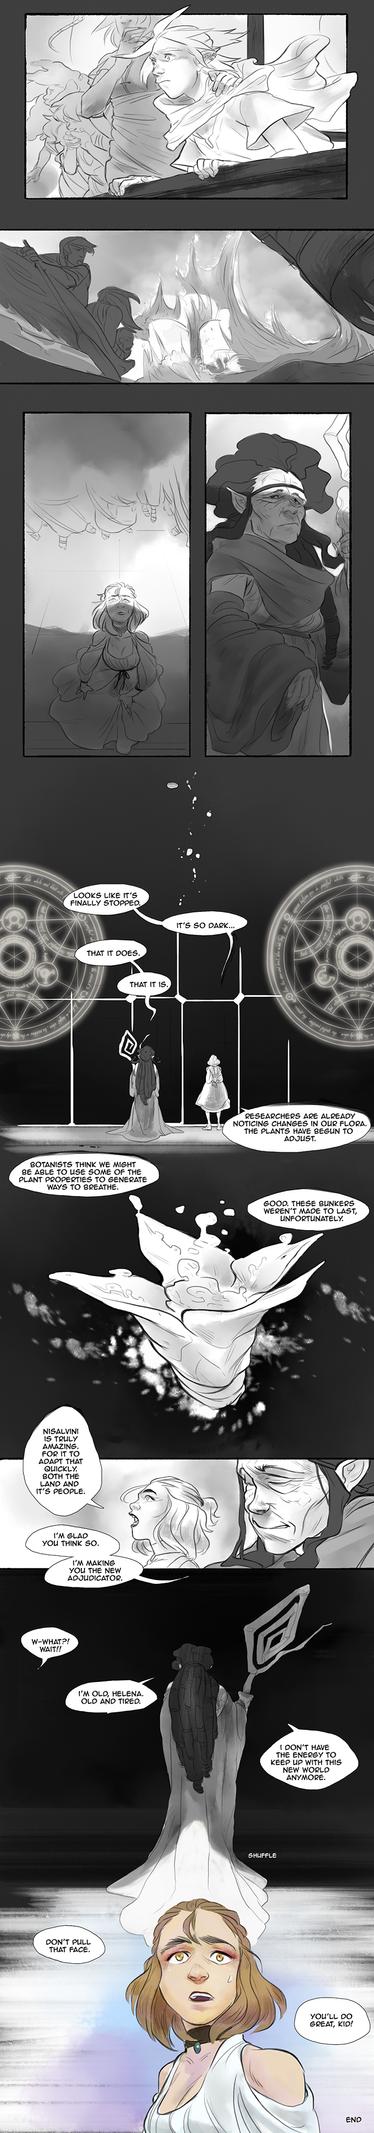 AA_worlds_wrath_pg03 by datPiranha